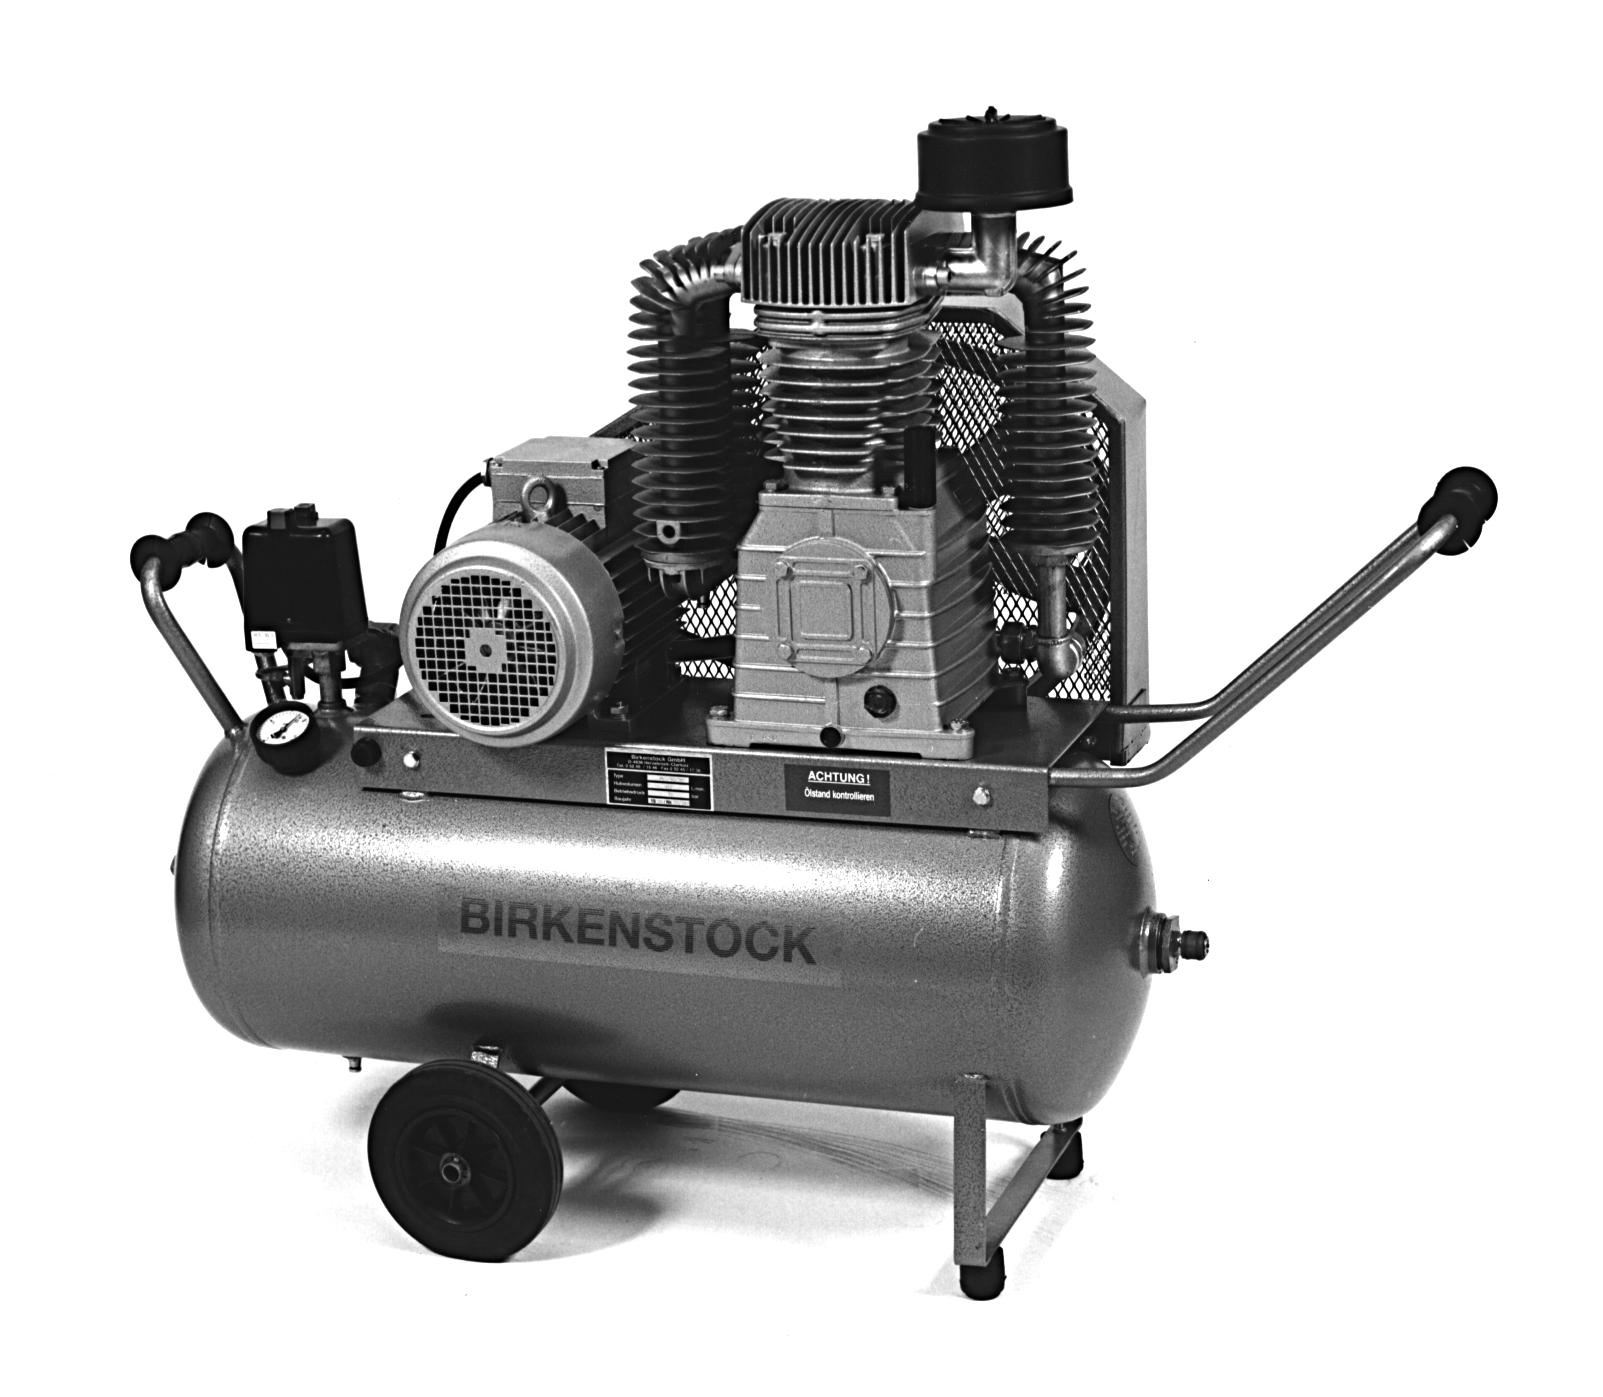 birkenstock kompressor k30 750 90 400 15 bar denner industrietechnik. Black Bedroom Furniture Sets. Home Design Ideas